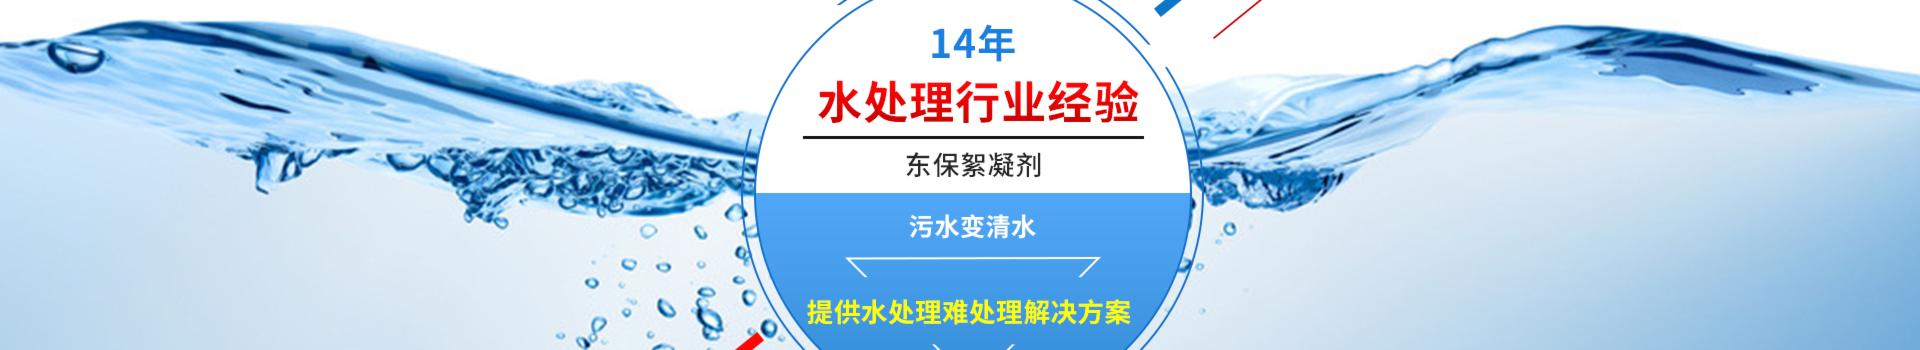 食品级絮凝剂-高纯聚丙烯酰胺絮凝剂-上海东保絮凝剂